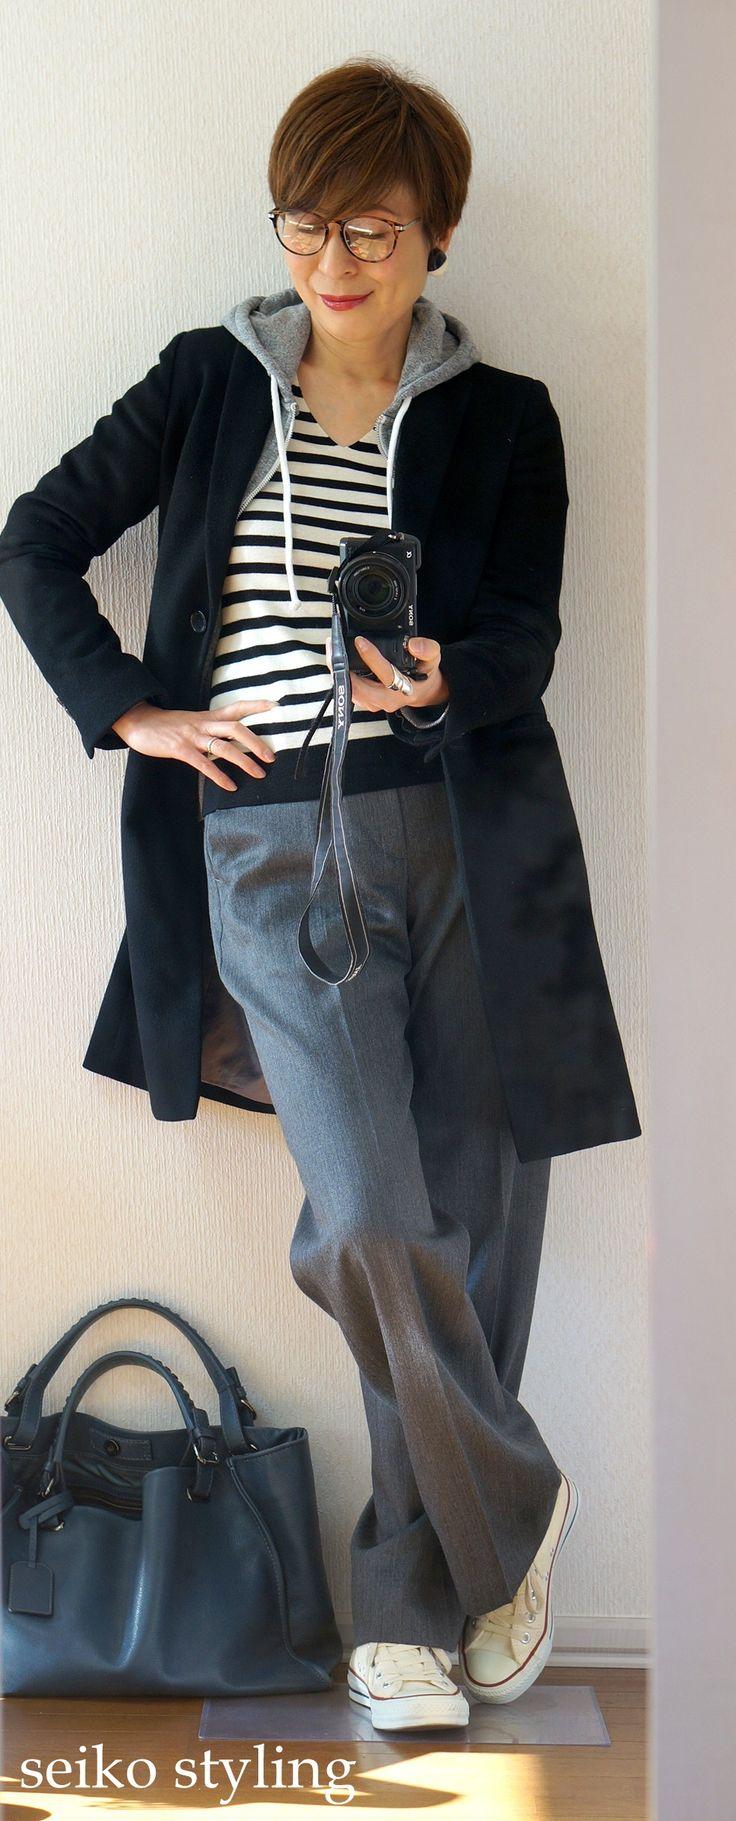 骨格タイプ「ストレート」ワイドパンツをどう取り入れる?   服を変えれば、生き方が輝く!私がはじまるファッションコーデ